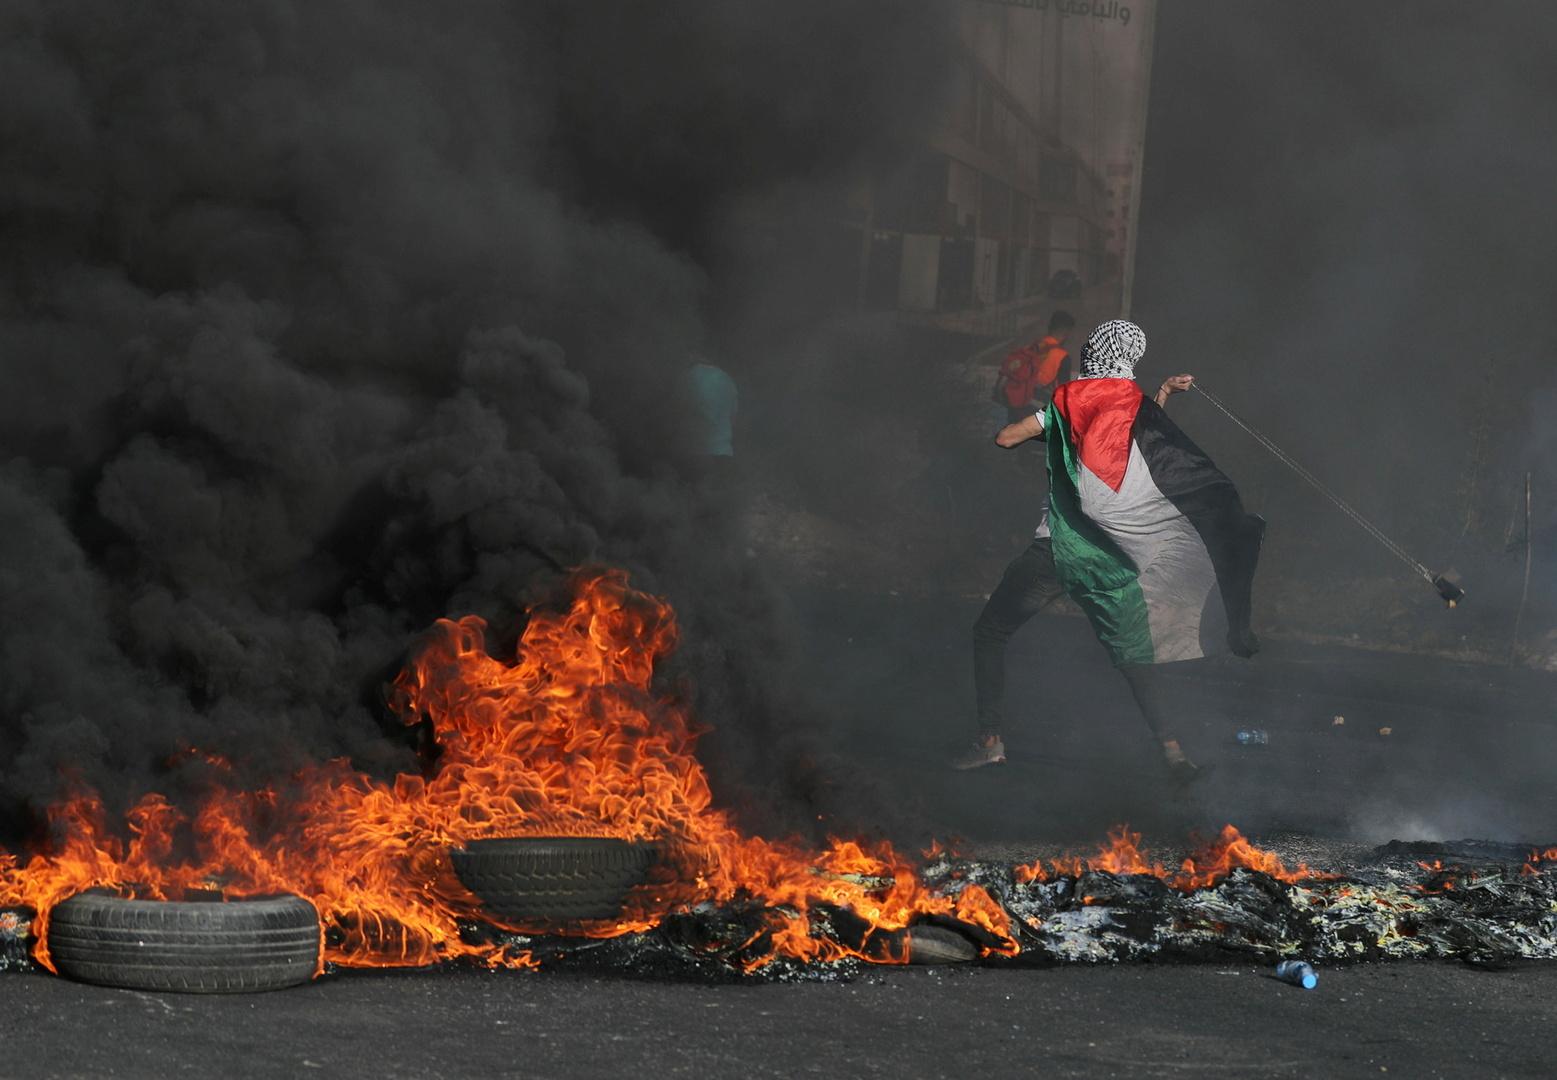 نتنياهو يعلن بعد اجتماع مع كبار المسؤولين عن استمرار ضرب